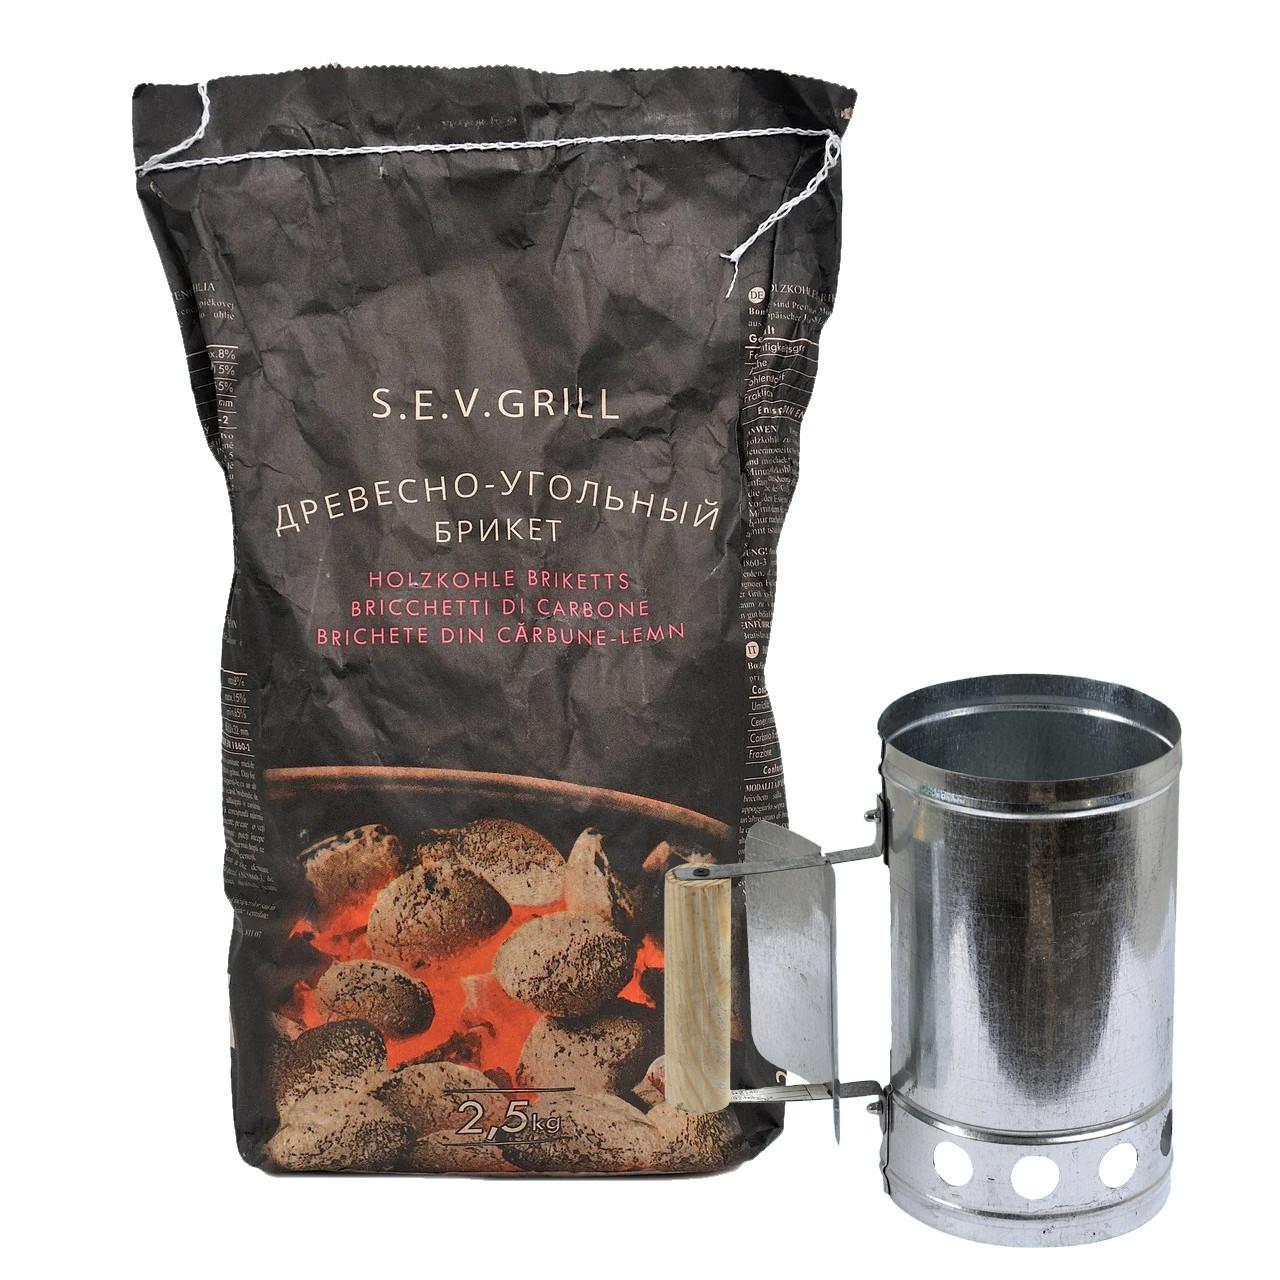 Древесно угольный брикет S.E.V.GRILL 2.5 кг + Стартер для розжига угле